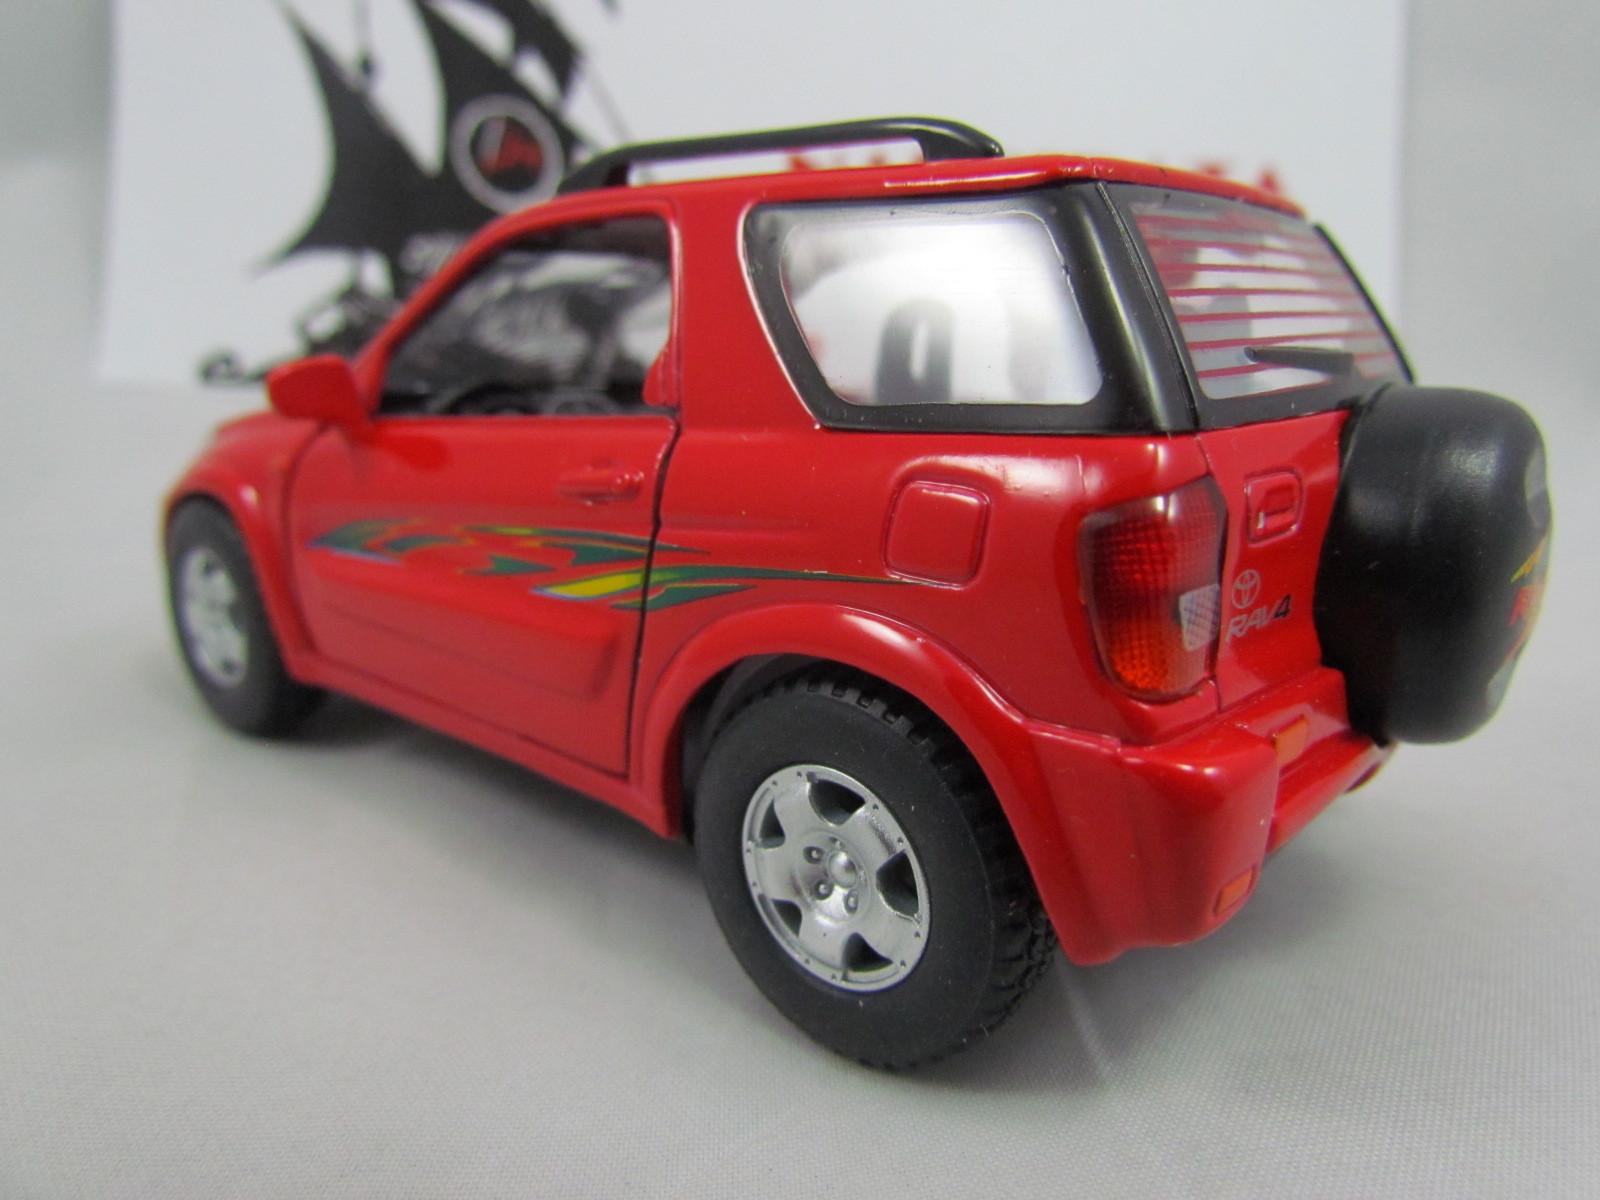 Toyota Rav4 2004 Vermelho Kinsmart 1:32